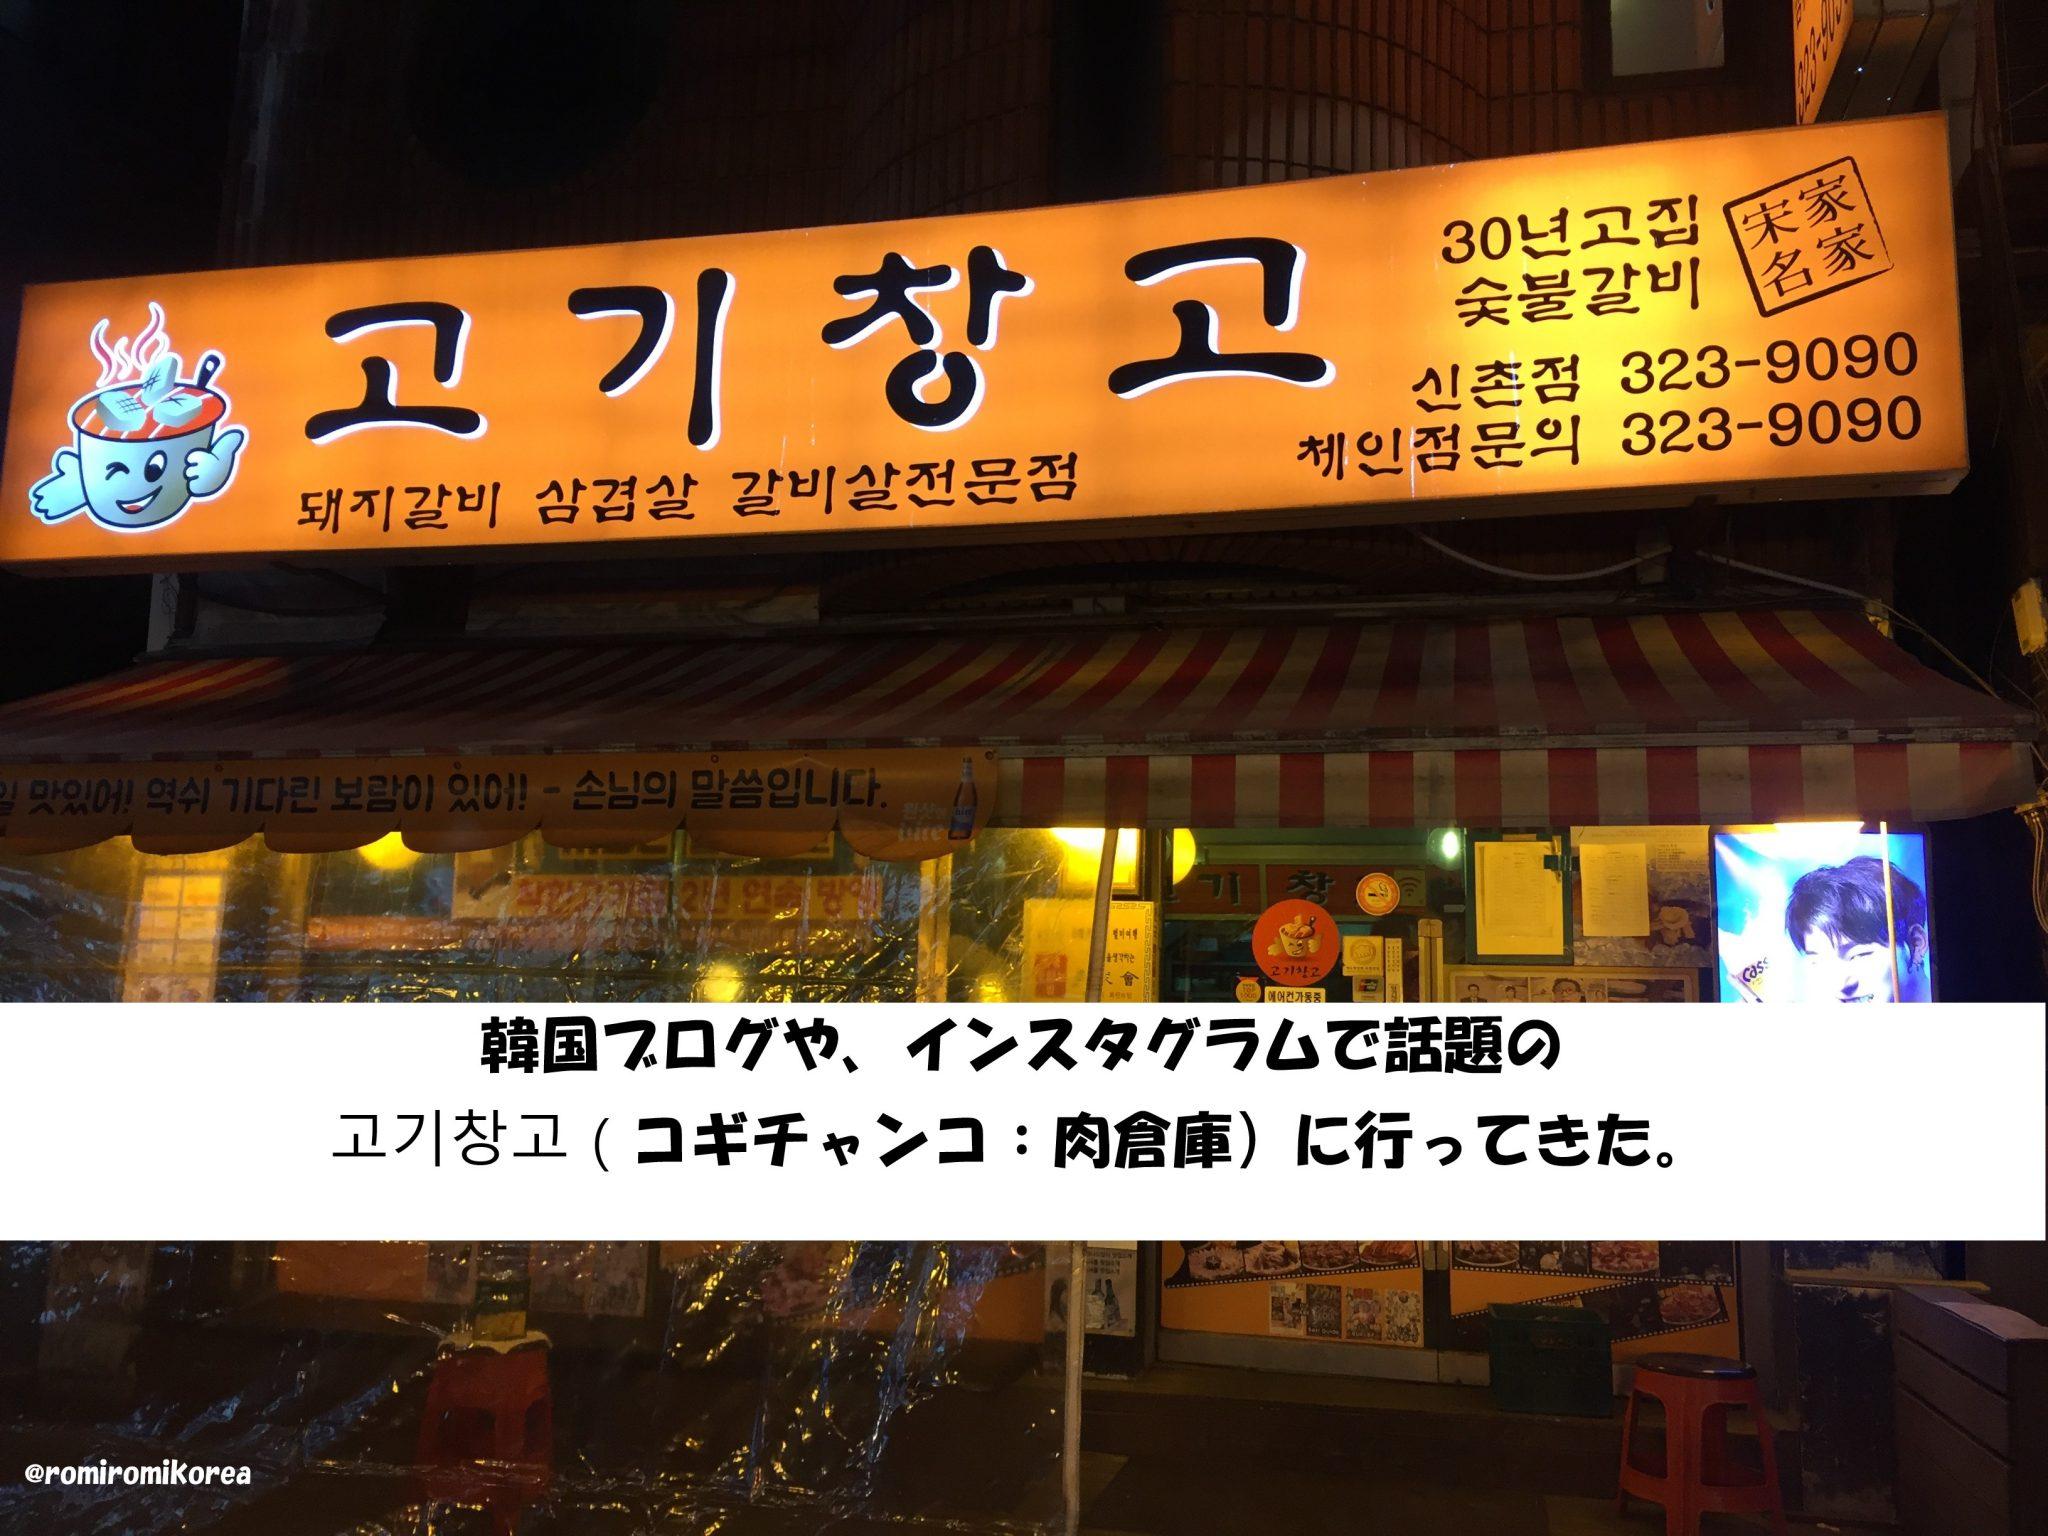 韓国ブログや、インスタグラムで話題の고기창고(コギチャンコ:肉倉庫)に行ってきた。